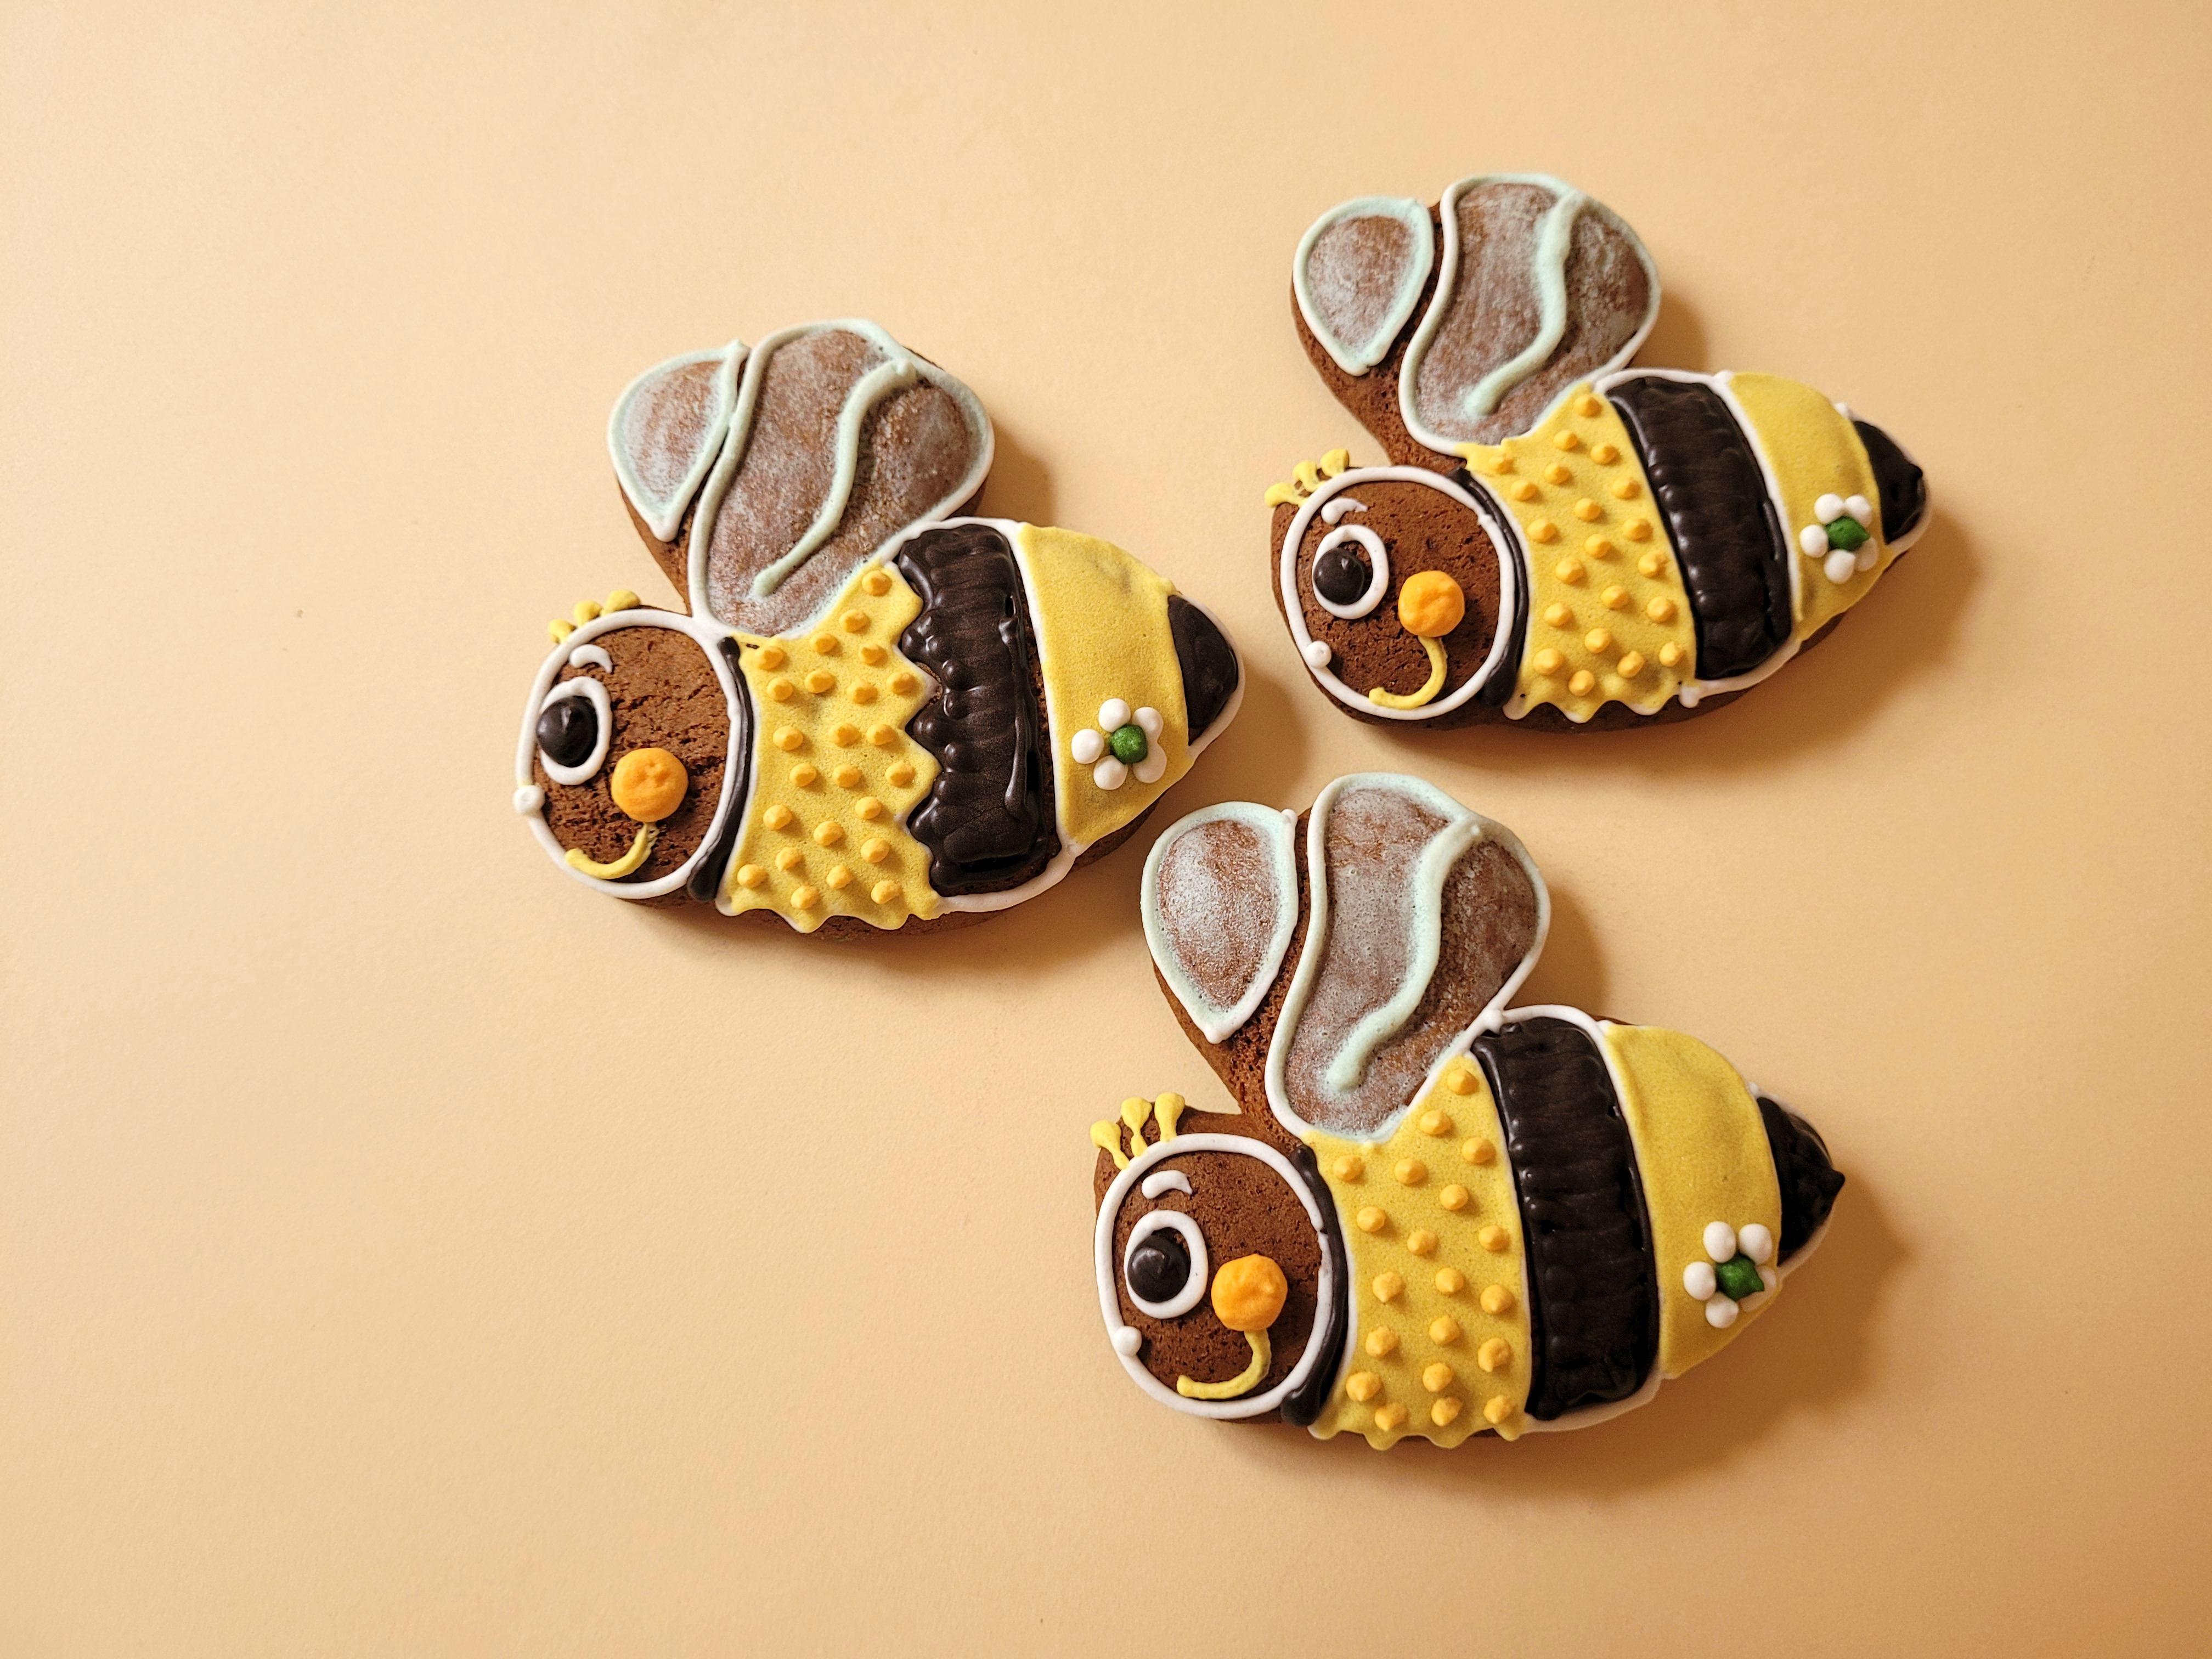 Srdíčko s monogramem 5 cm, 5 g  Medový perník. Ruční práce. Handicraft.